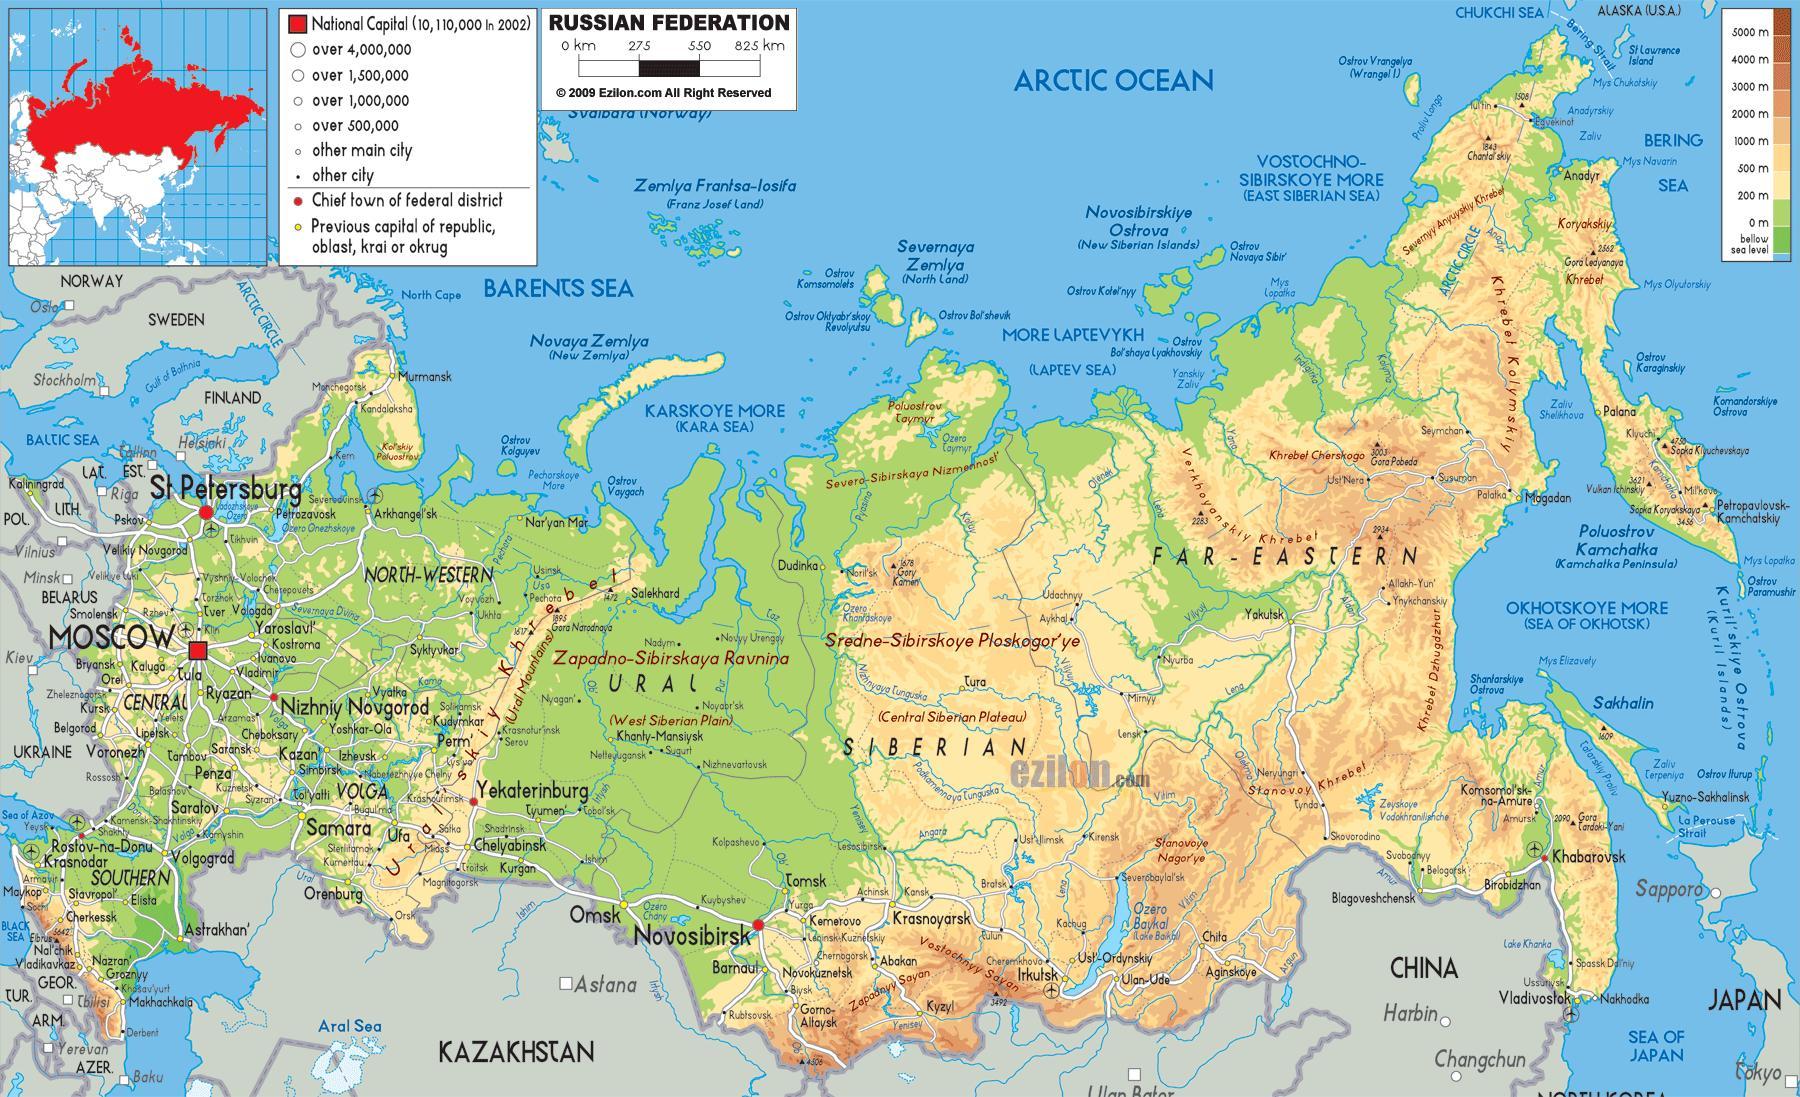 kart over russland Russland museer kart   Kart over Russland museer (Øst Europa   Europa) kart over russland